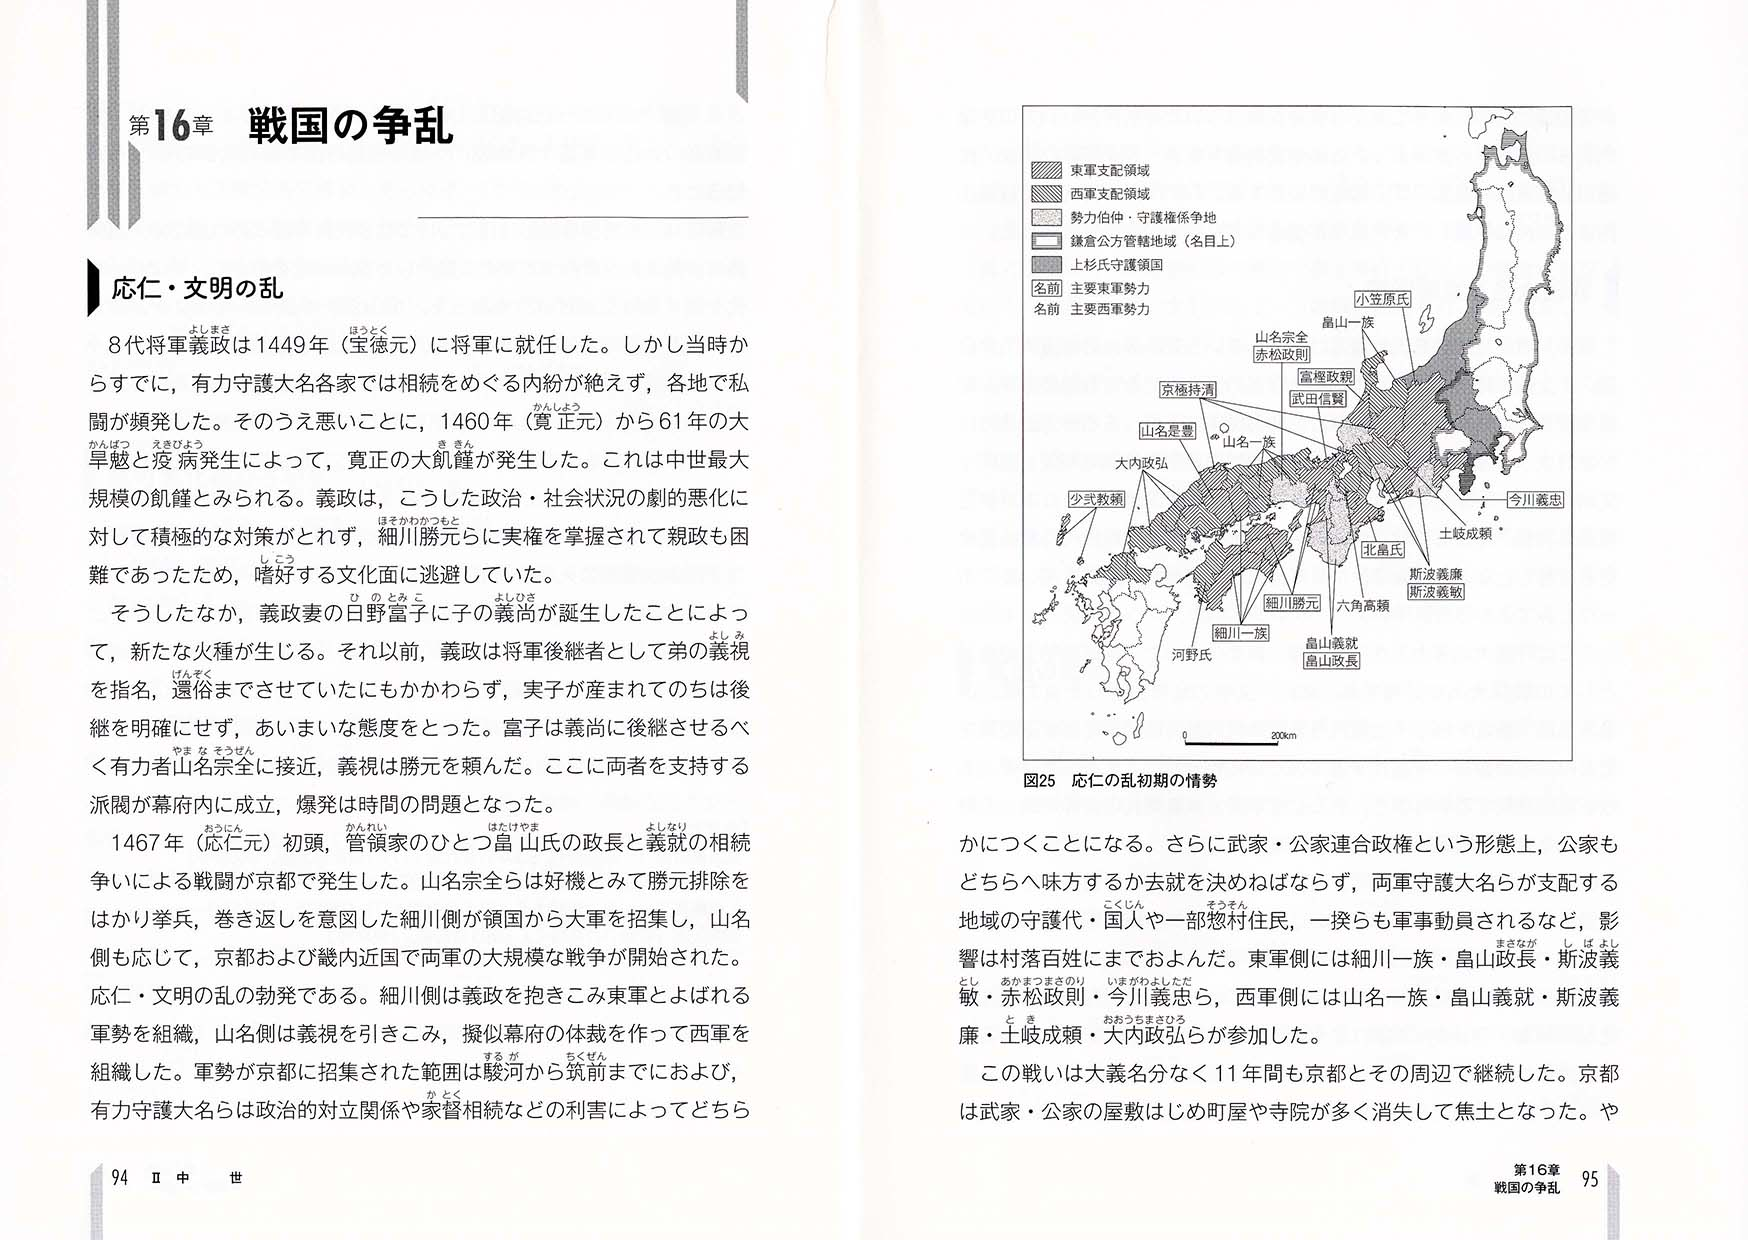 大学でまなぶ日本の歴史 - 株式...